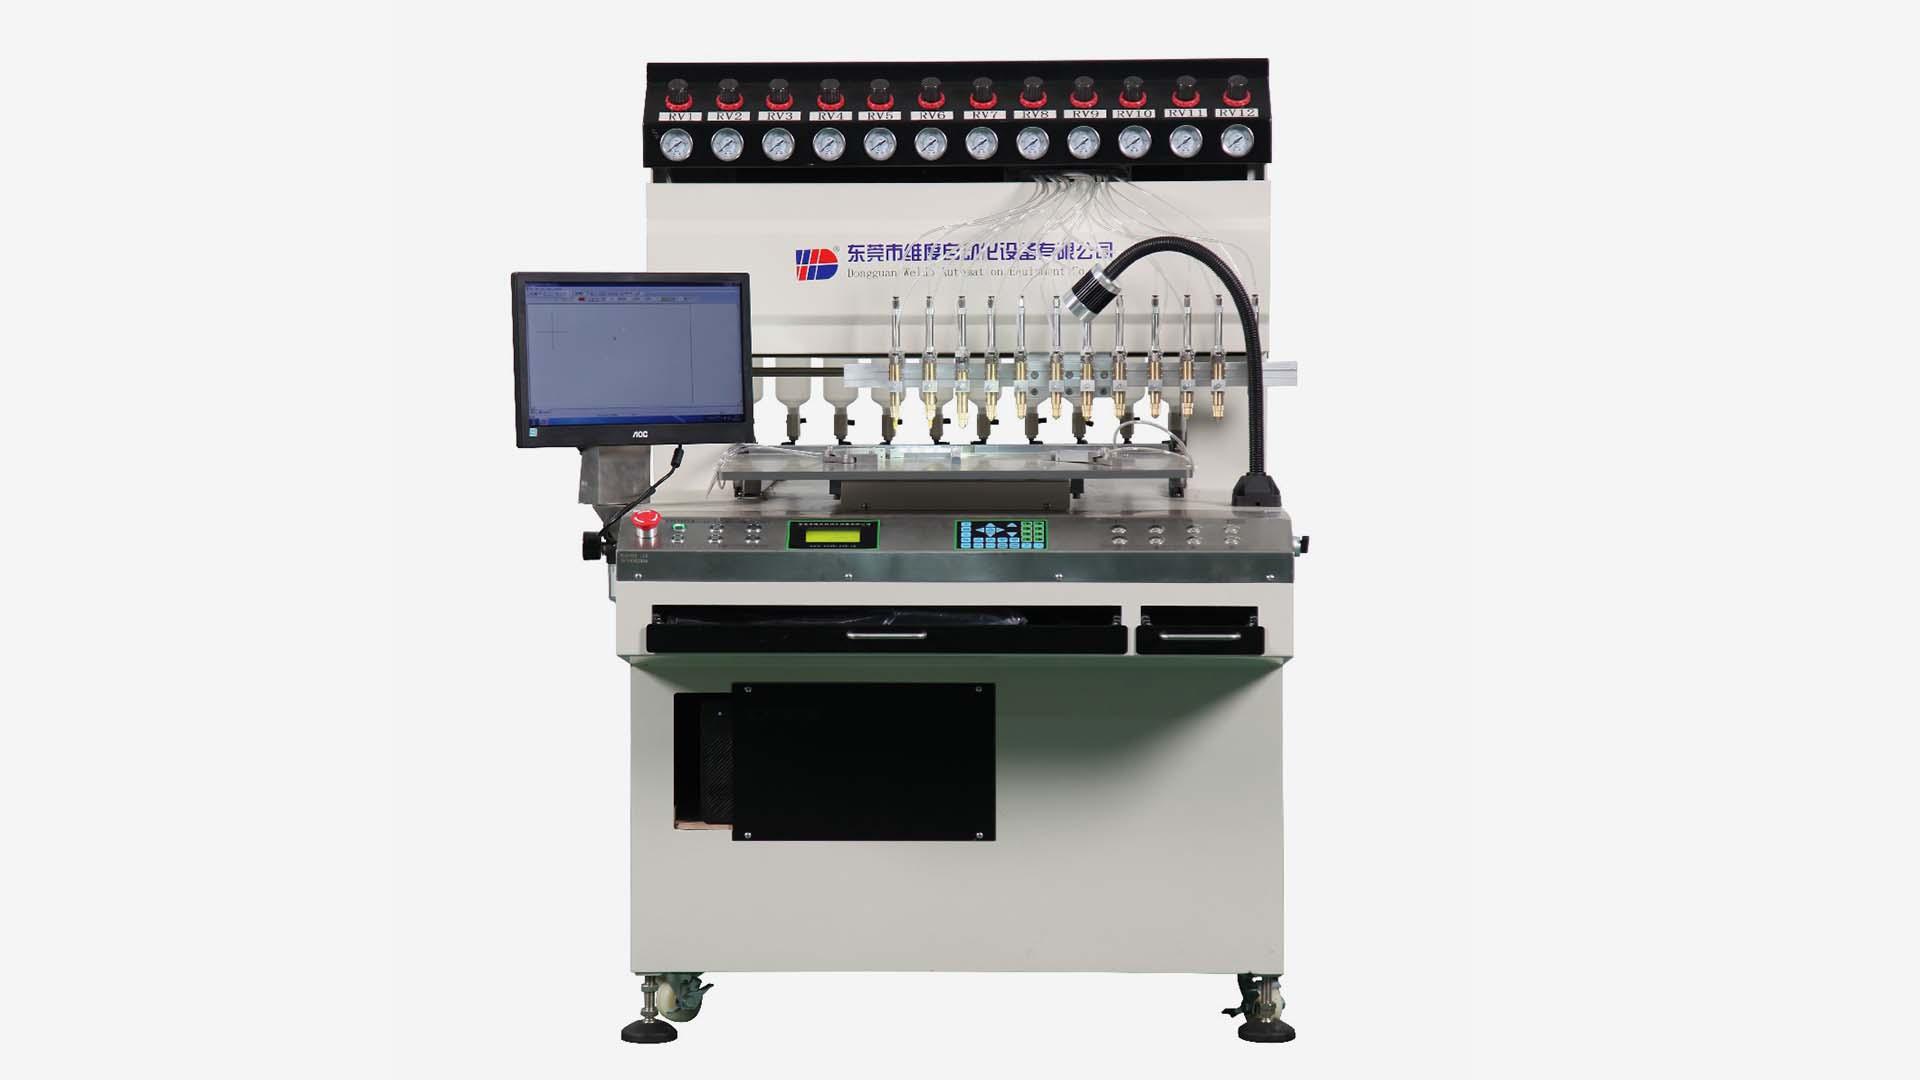 Weldo 12 colors PVC/Silicon label automatic dispenser machine